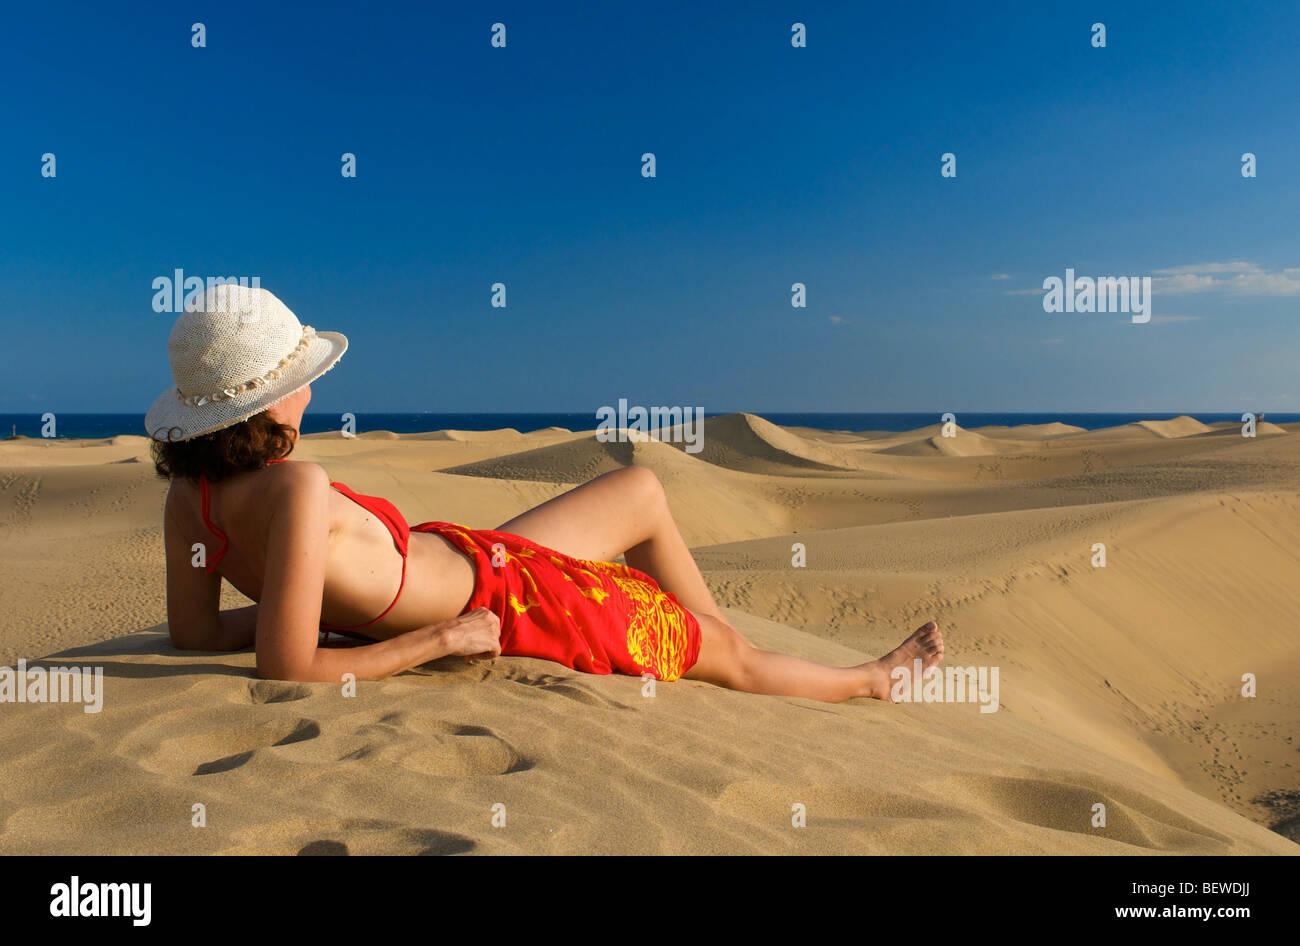 Mujer acostada sobre una duna de arena mirando el mar, Maspalomas, Gran Canaria, España, vista lateral Imagen De Stock